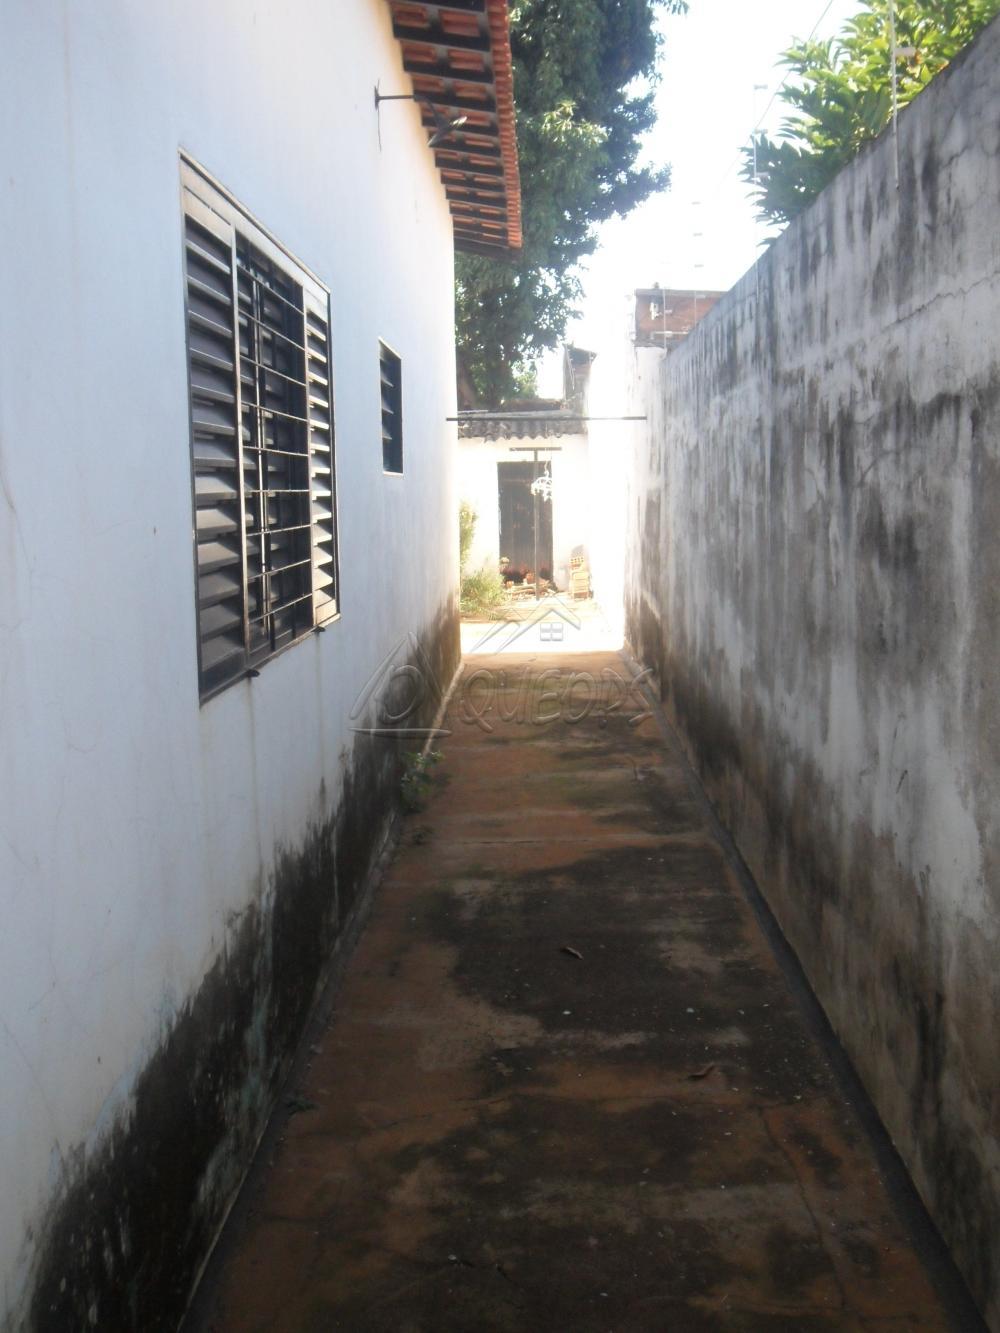 Comprar Casa / Padrão em Barretos R$ 330.000,00 - Foto 16